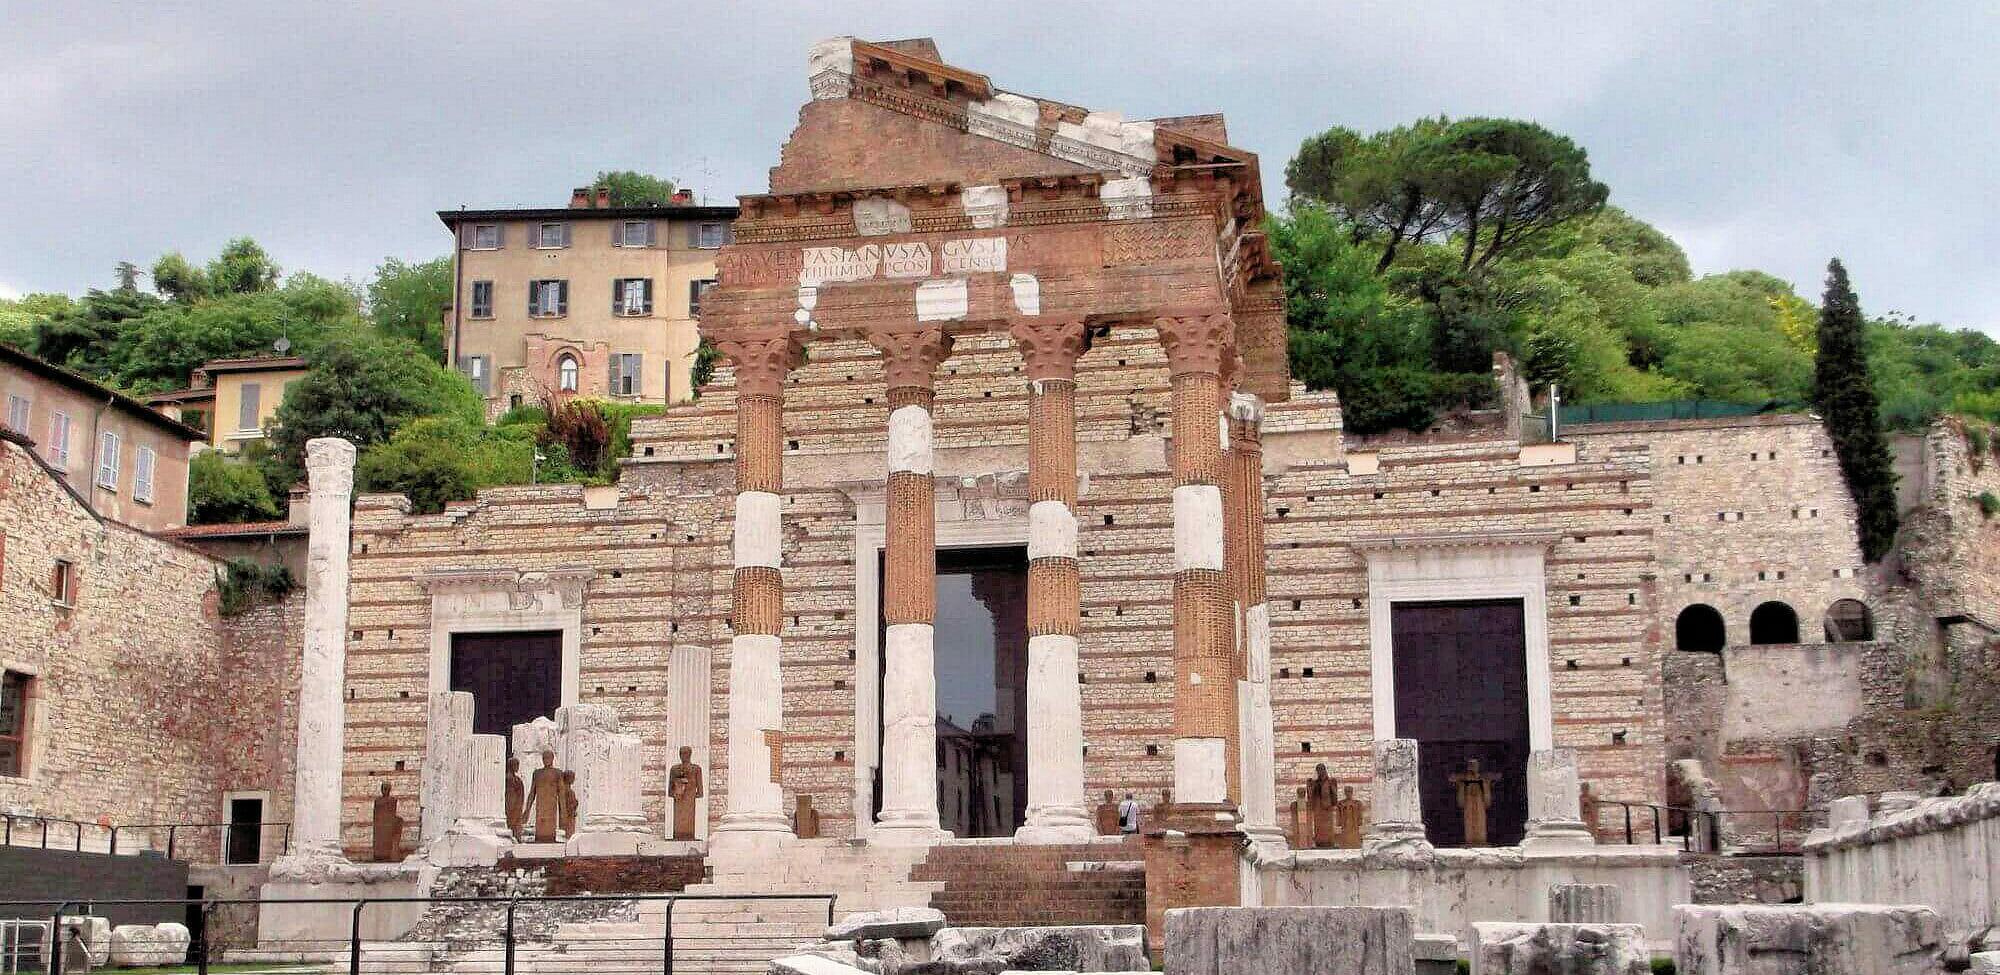 Brescia, Kapitol - zabytek wpisany nalistę światowego dziedzictwa UNESCO